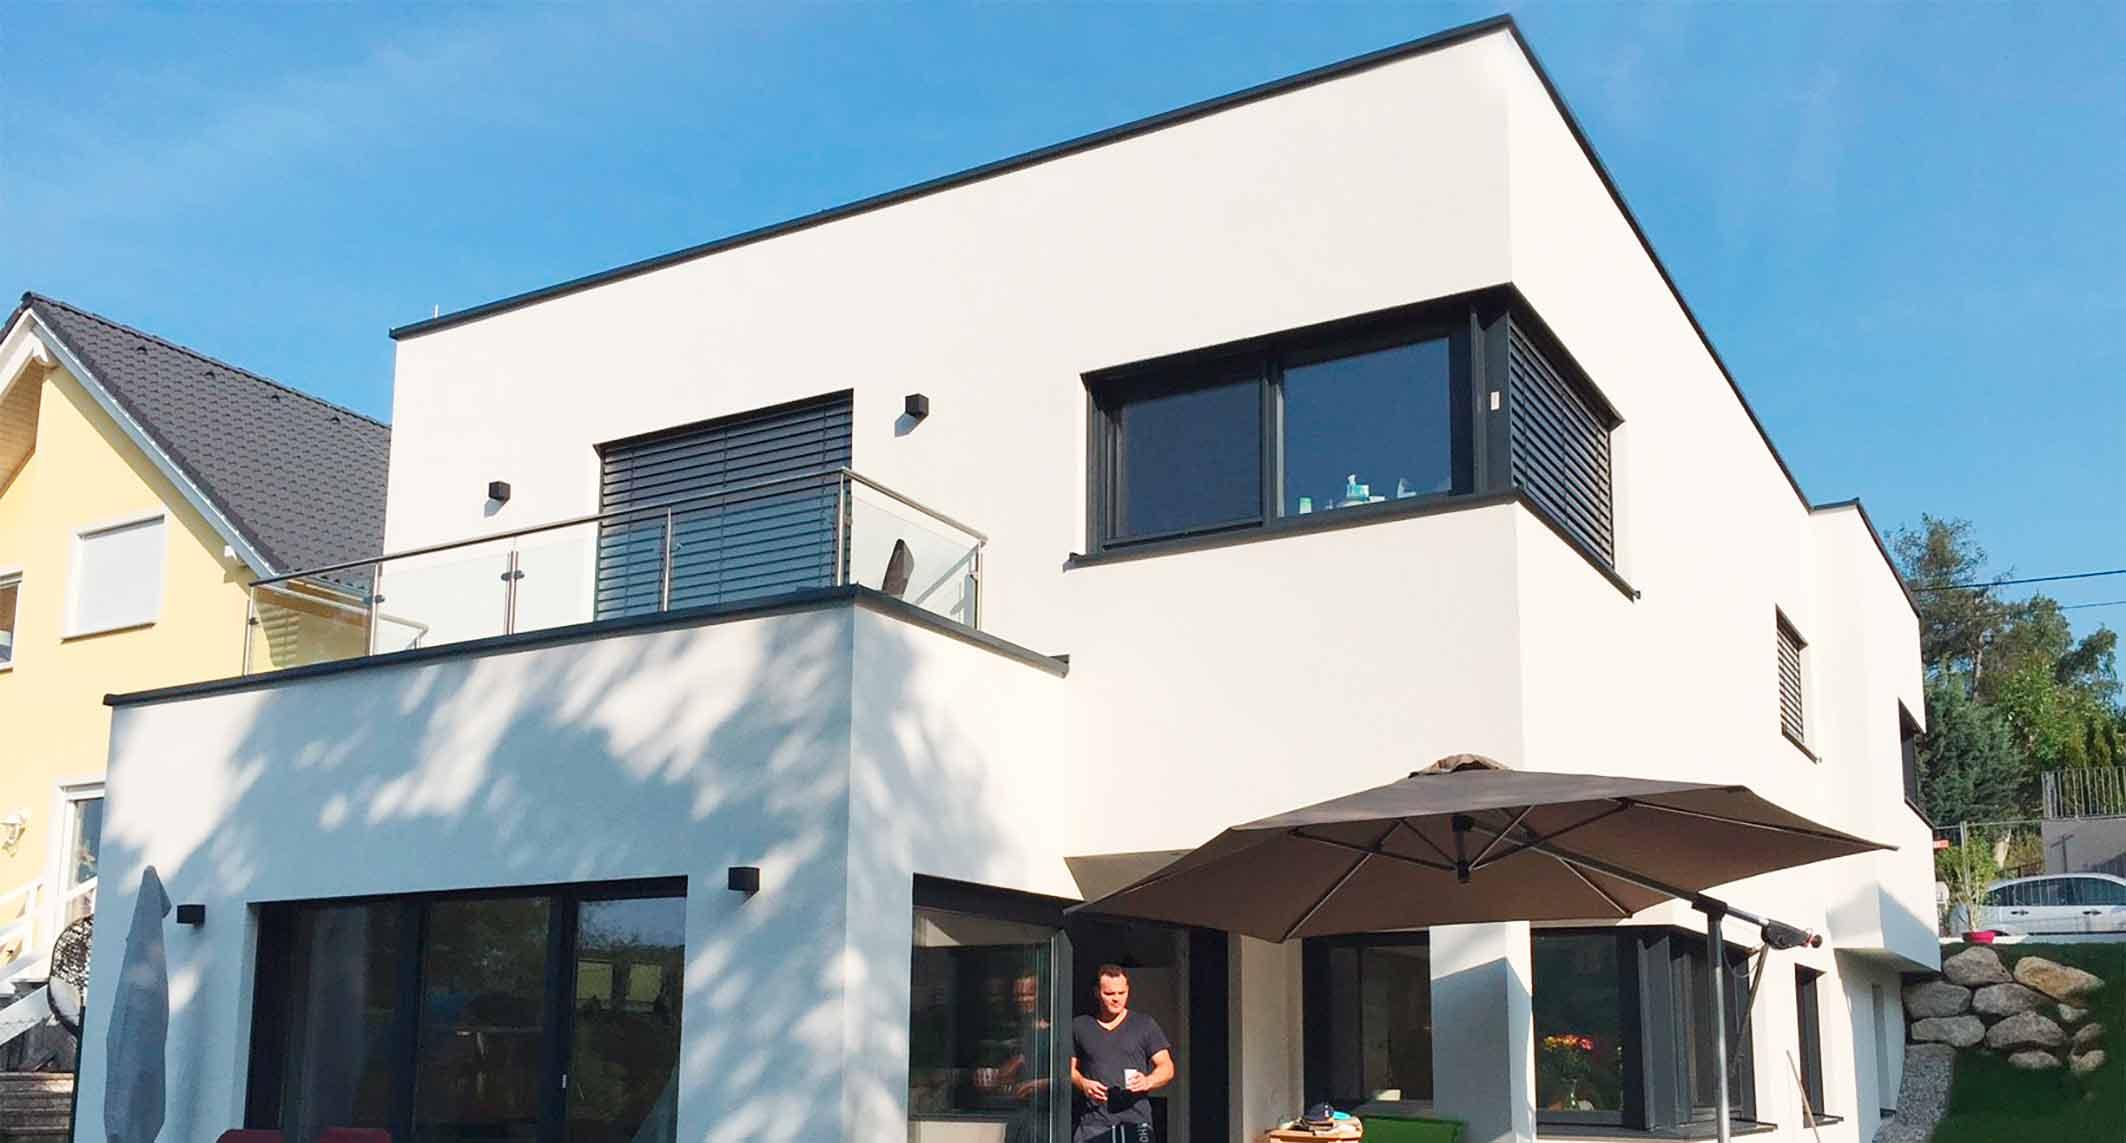 Awesome Das Optimal In Den Hang Integrierte Haus 168 F Bietet Maximalen Wohnraum  Auf 2 Bzw. 3 Ebenen. Betreten Wird Das Haus Bequem Im Obergeschoss, Welches  Für Den ...